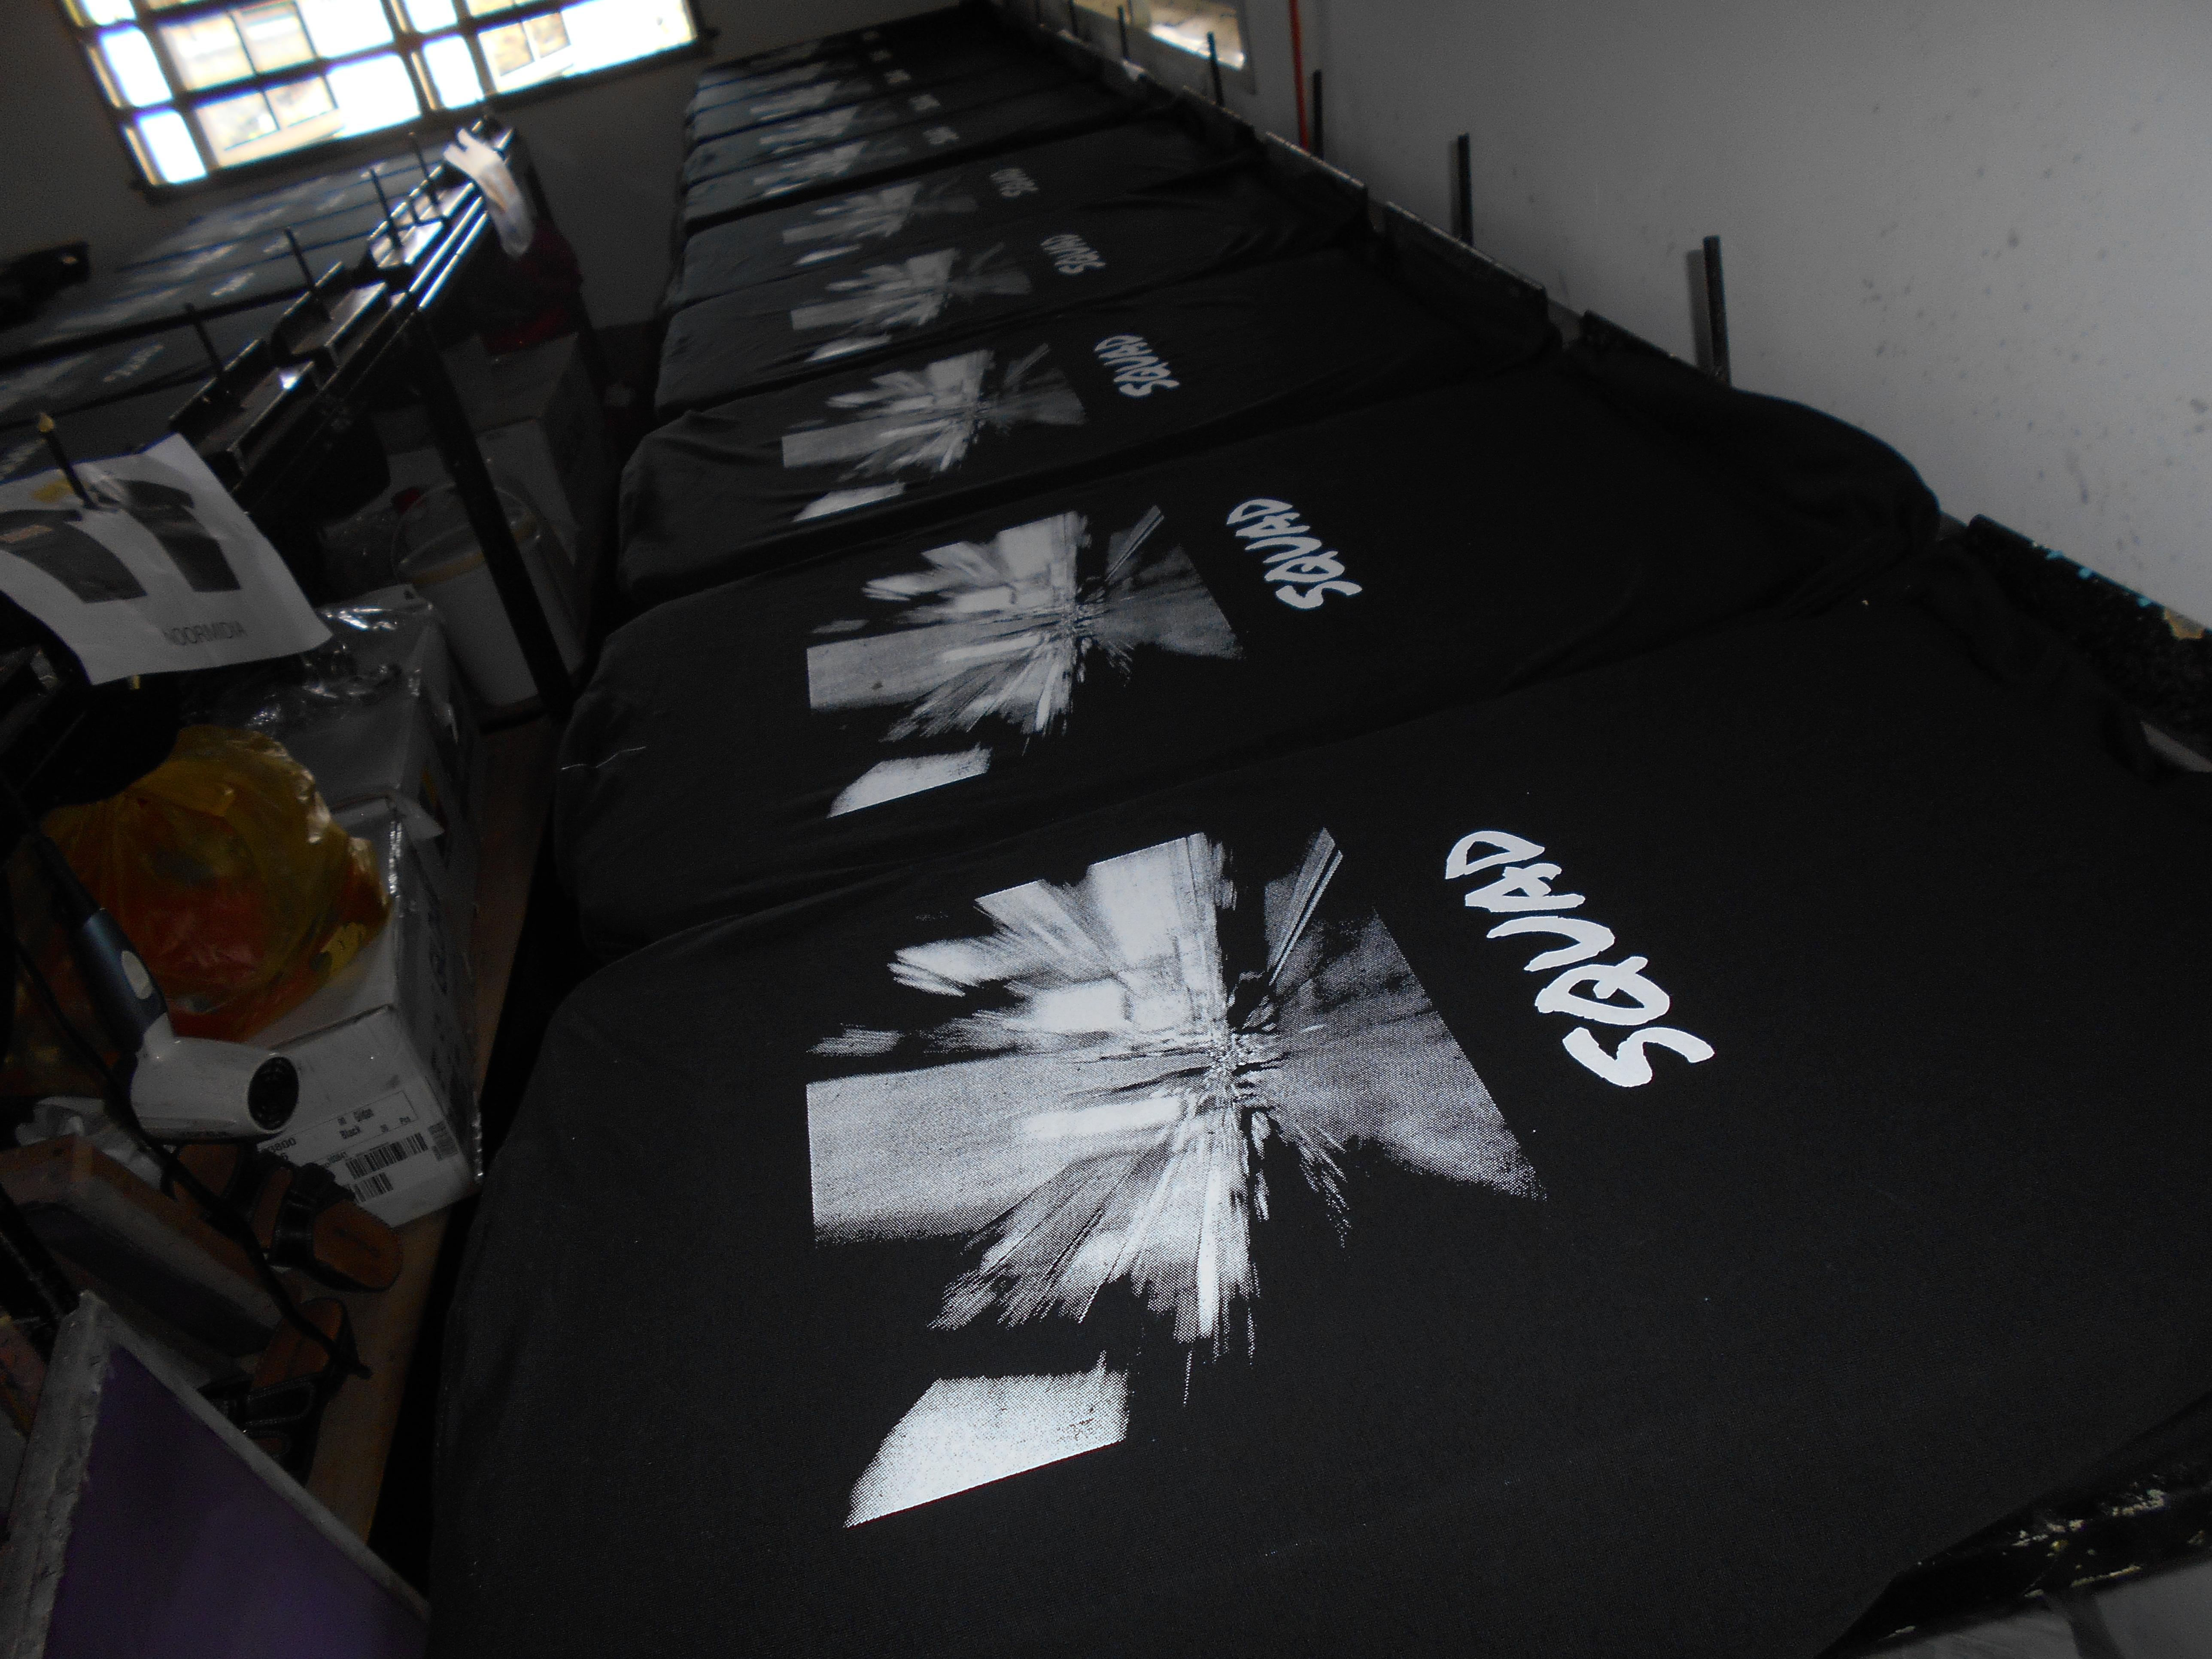 Design t shirt rumah sukan - Yang Ni Guna Teknik Halftone Halftone Ni Ialah Teknik Dot Dot Dot Yang Saya Pernak Cerita Sebelum Ni Sesuai Untuk Design Real Tapi 1 Kaler Print Je